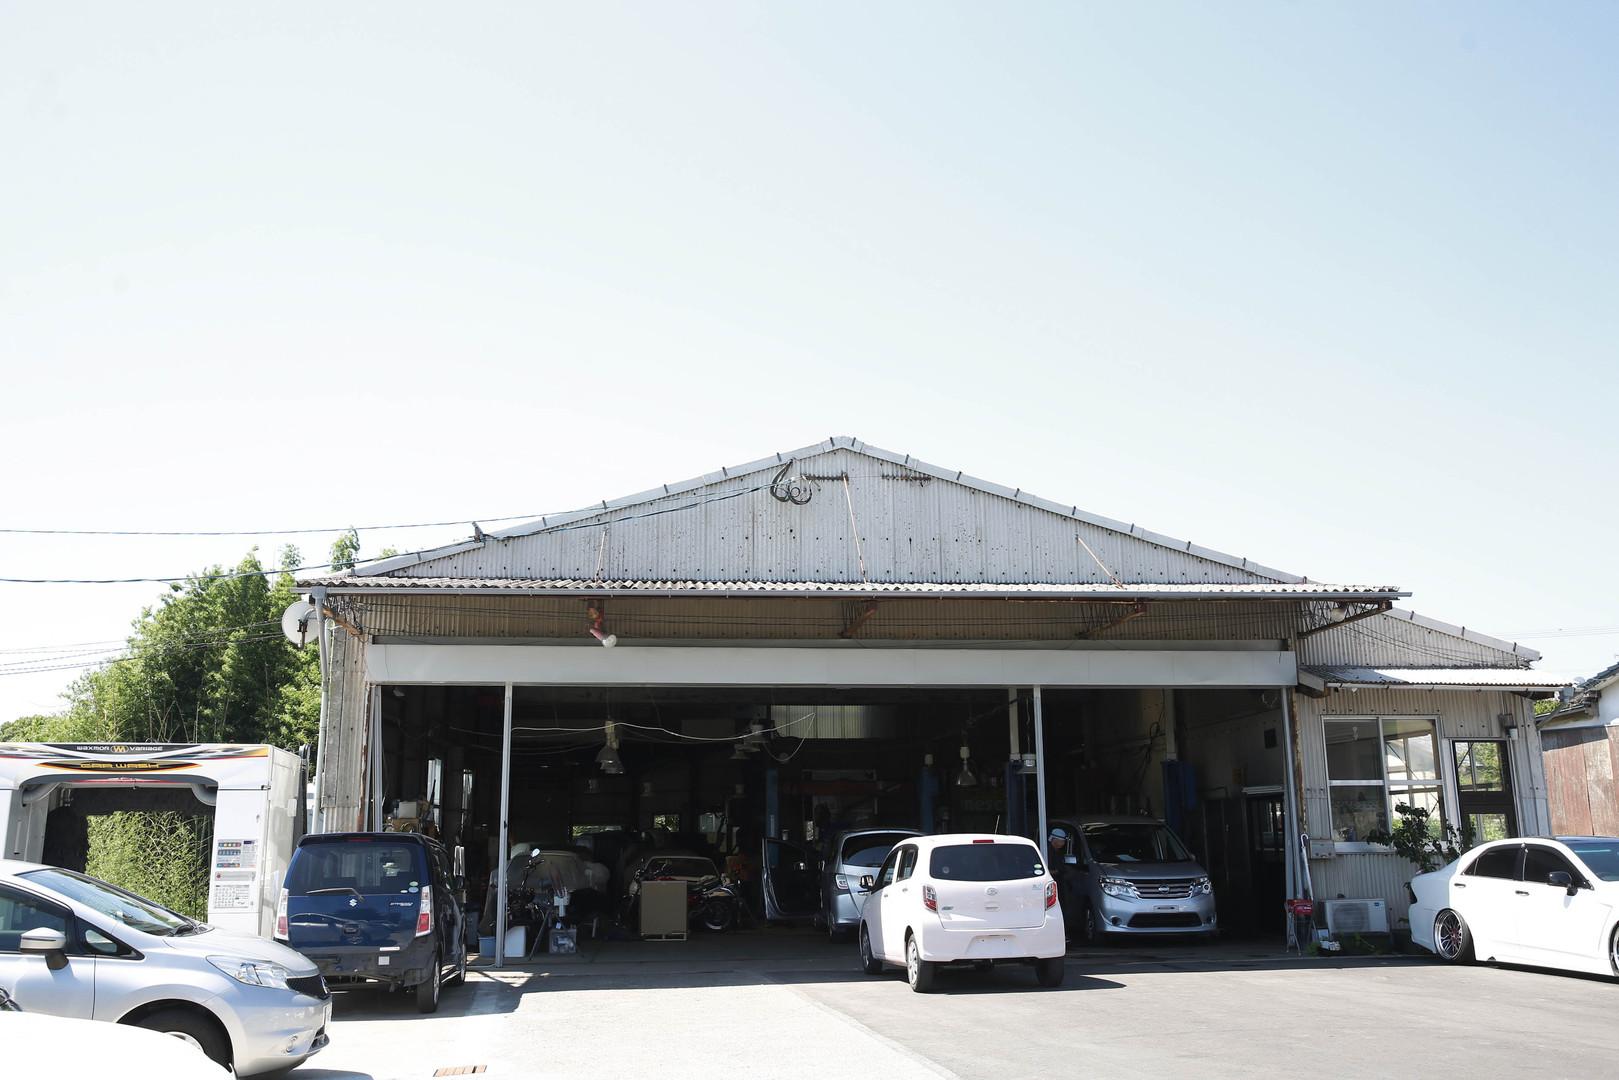 フレスカー 整備工場 (2 - 29).jpg